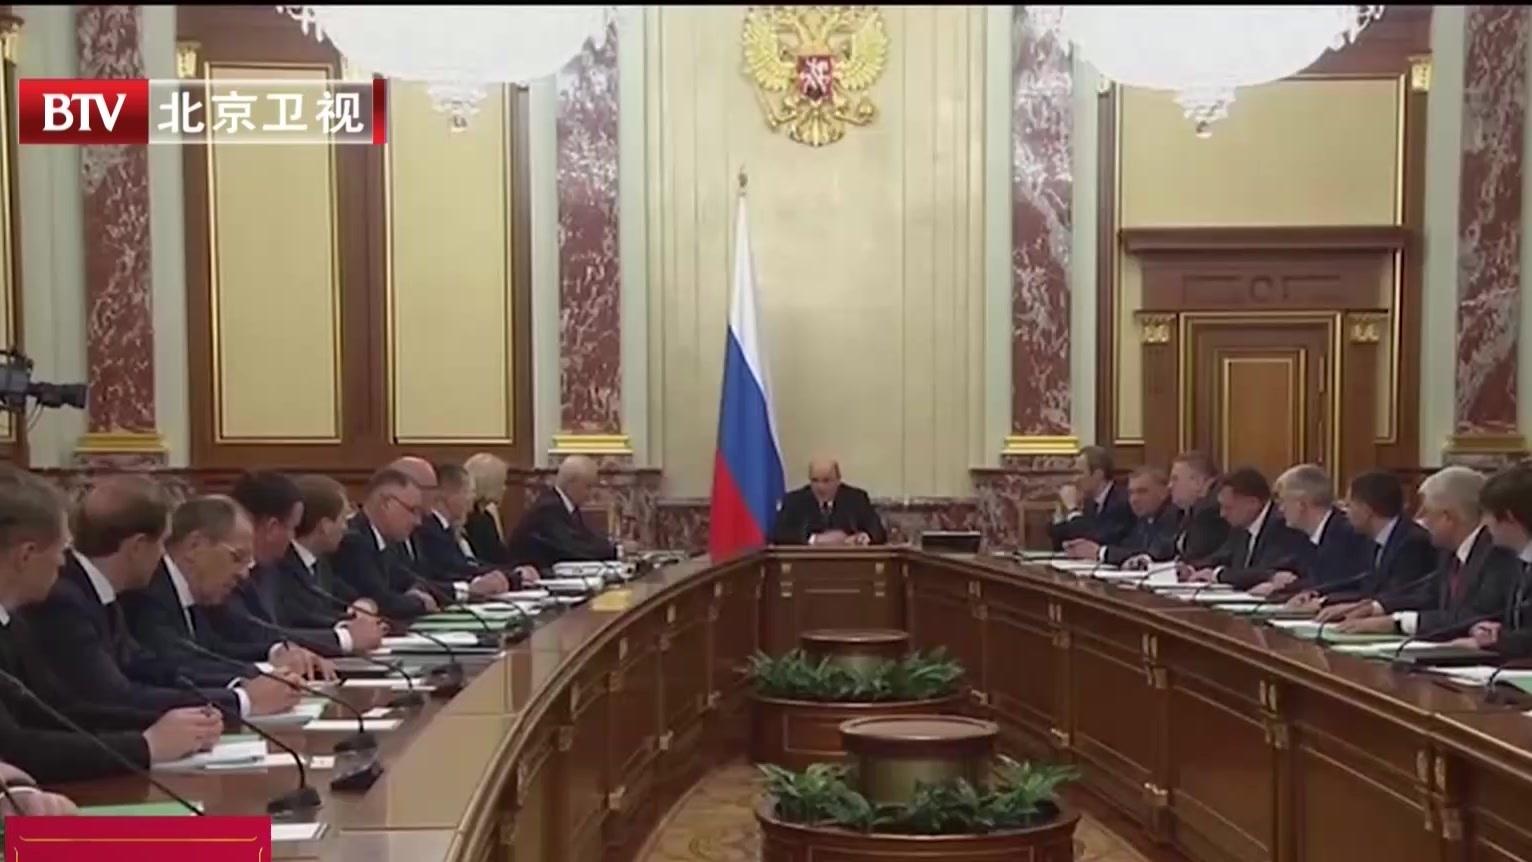 俄罗斯将暂时关闭所有边境口岸